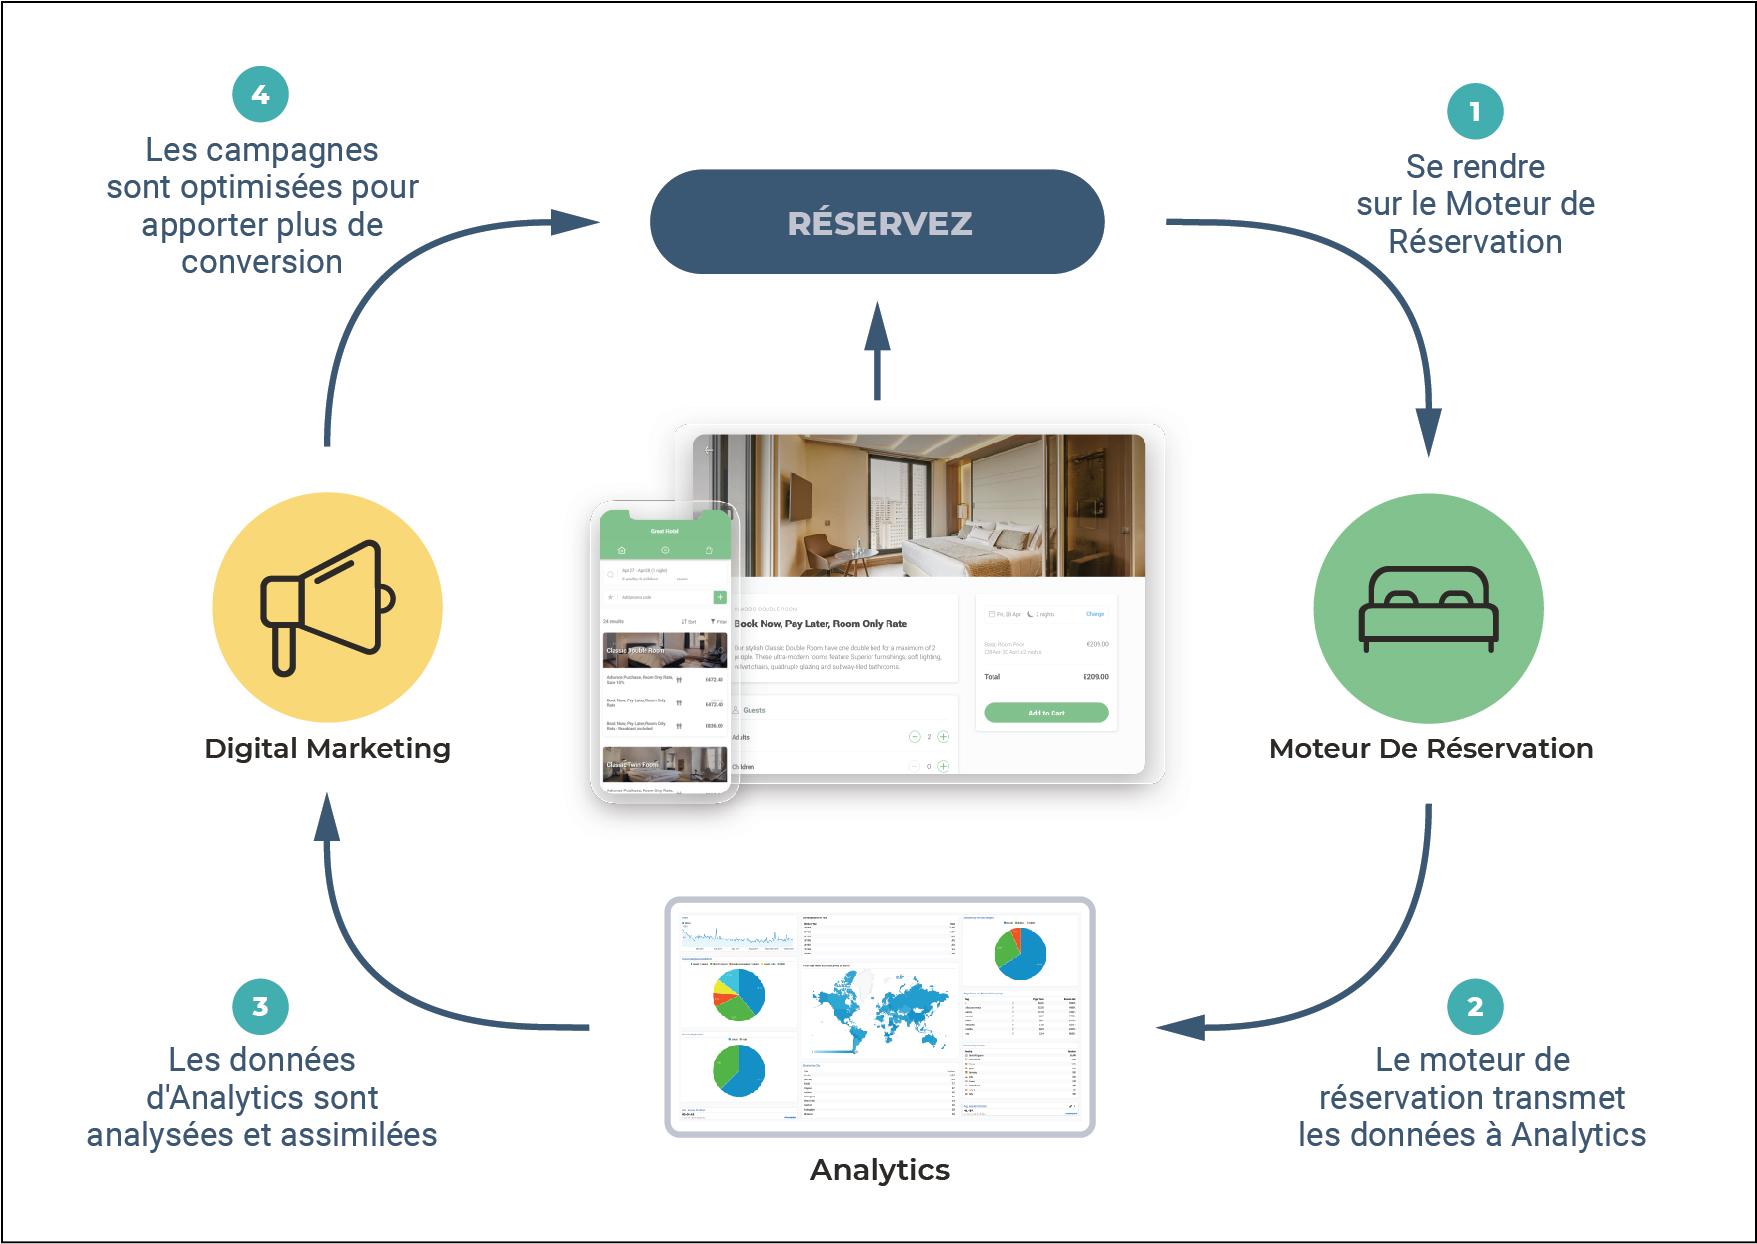 Image 2 : Comment Analytics s'intègre dans le processus de réservation